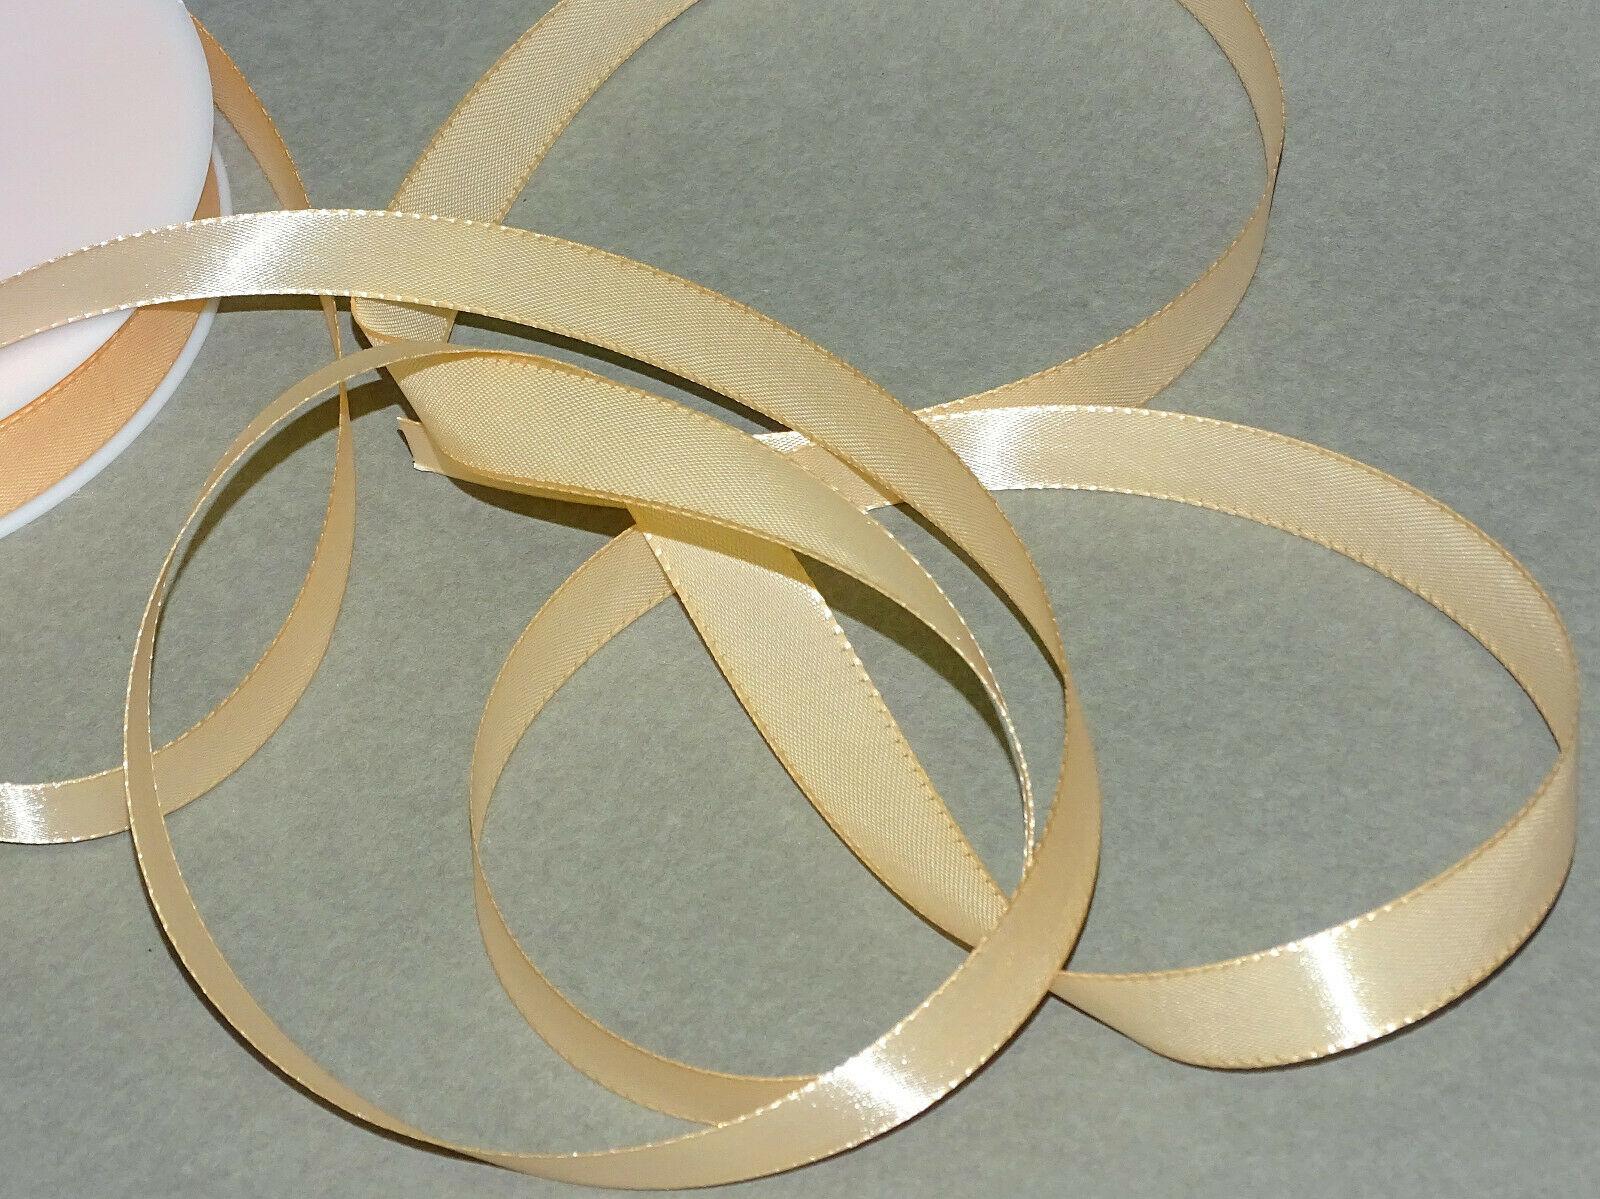 Seidenband Schleifenband 50 m x 15 / 25 / 40mm Dekoband ab 0,08€/m Geschenkband  - Apricot 106, 40 mm x 50 m